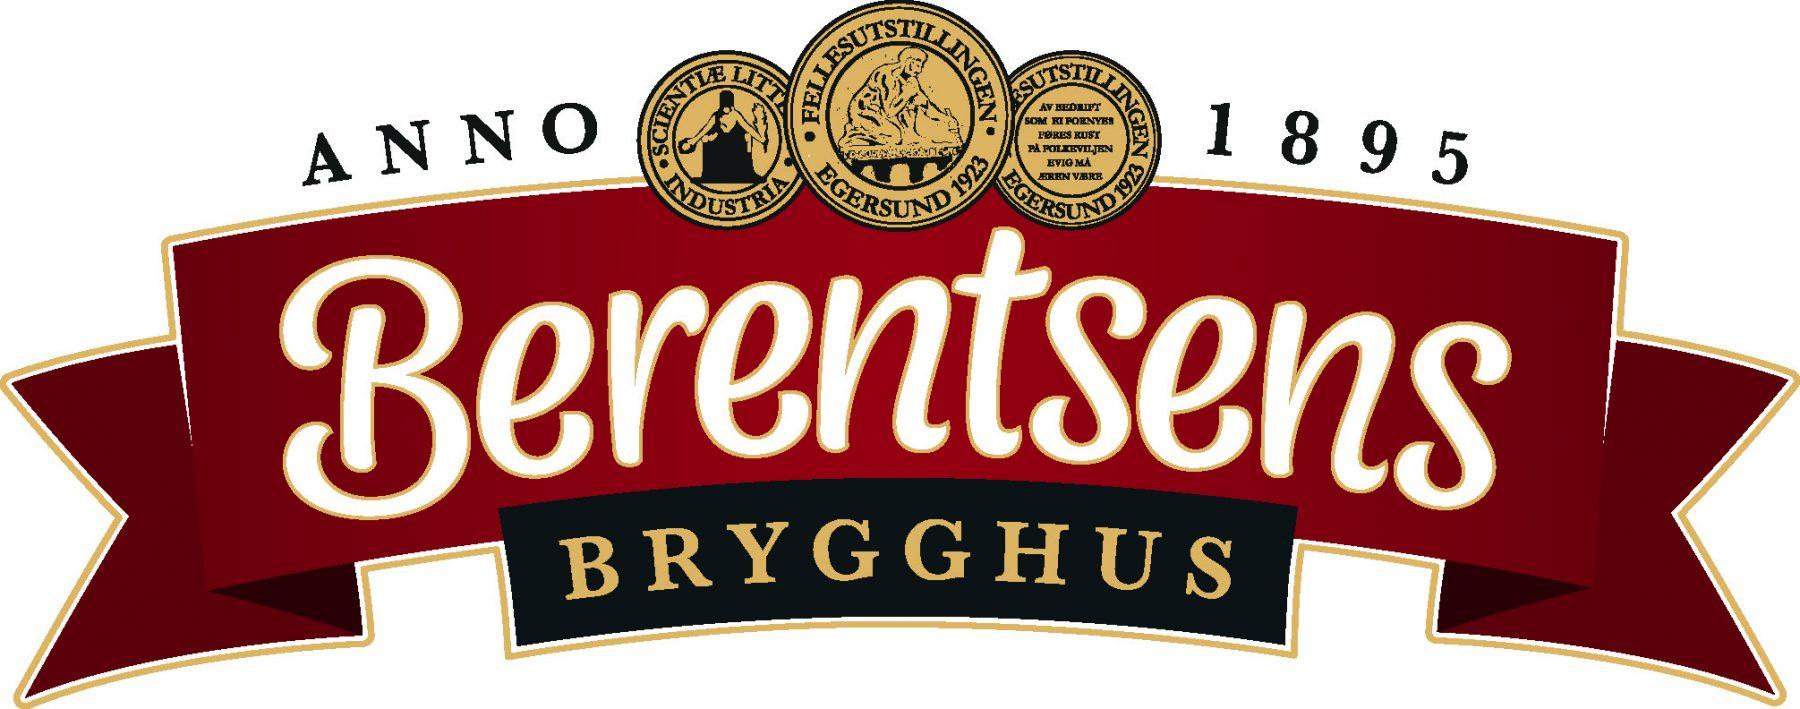 Berentsens_ROD_logo_CMYK